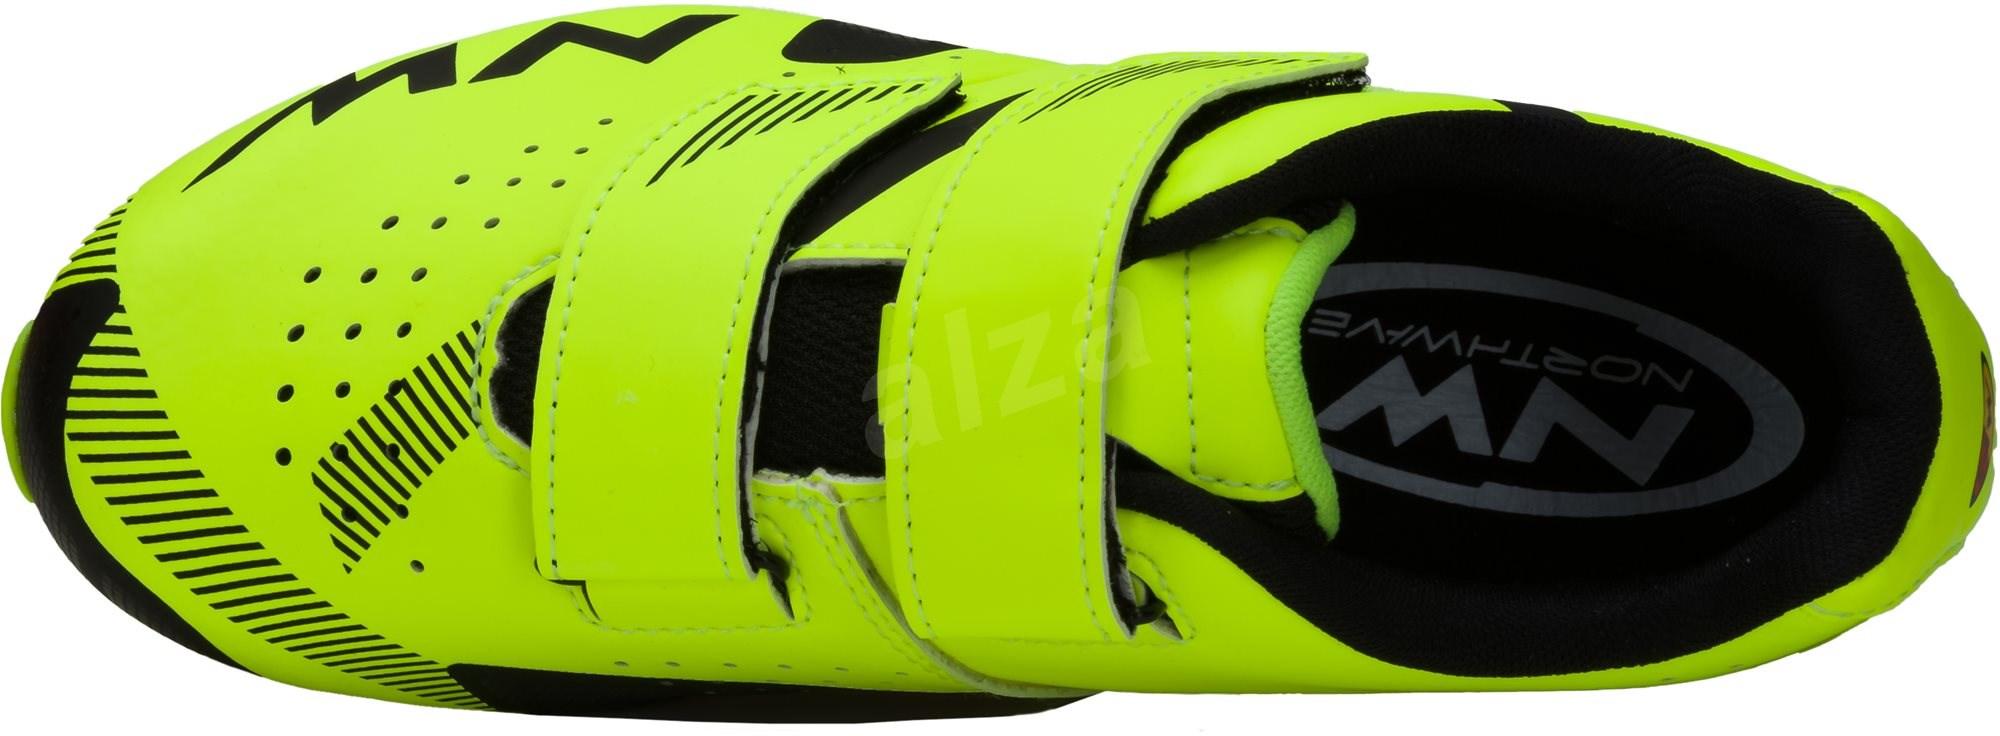 Northwave Hammer 2 Junior 33 - sárga/fekete - Kerékpáros cipő.